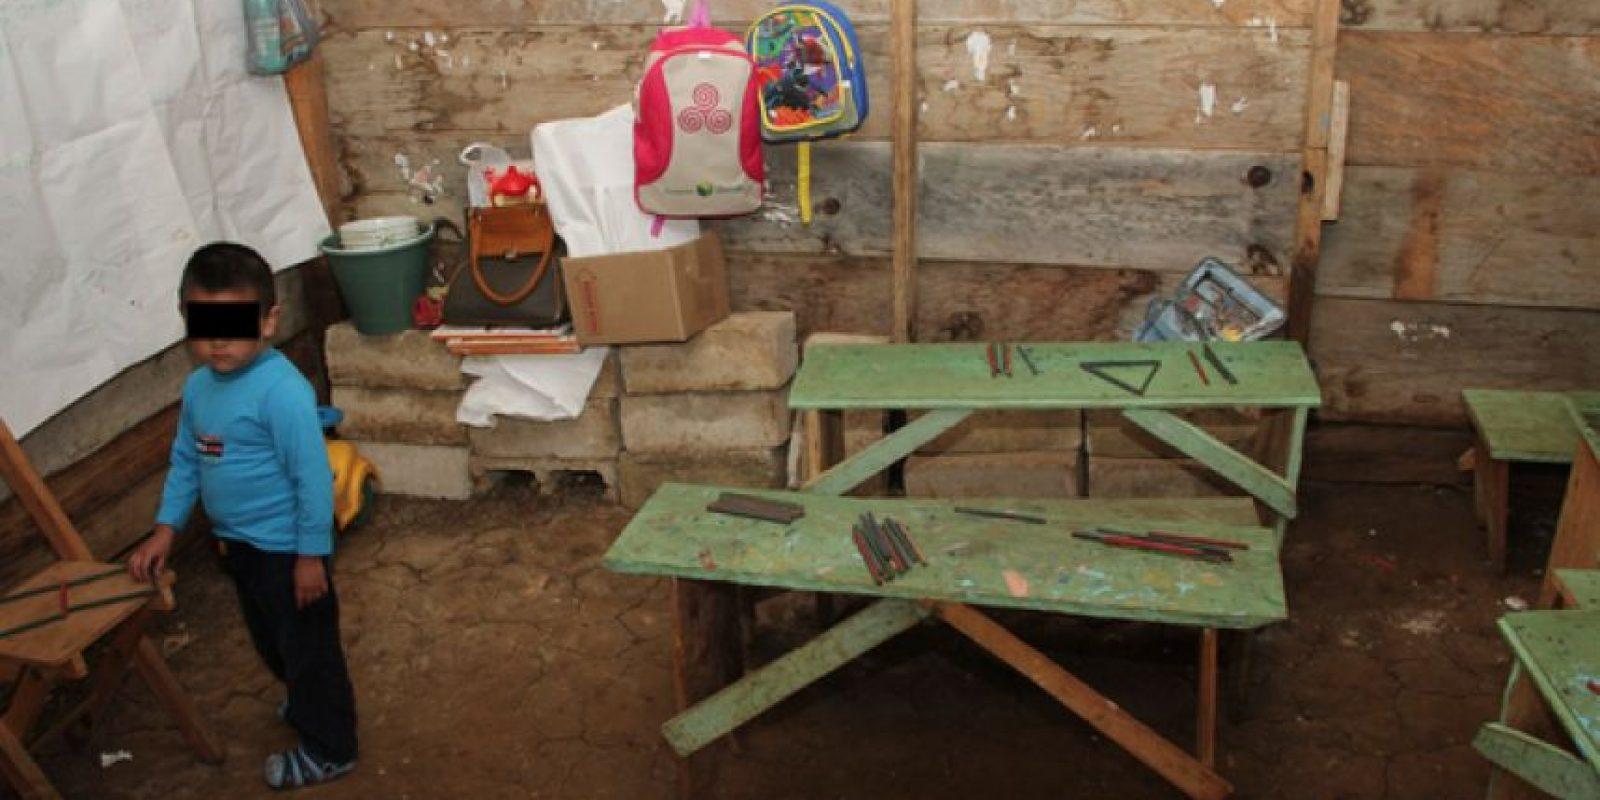 Decenas de escuelas en el país carecen de servicios básicos como la energía eléctrica. Foto:Cuartoscuro